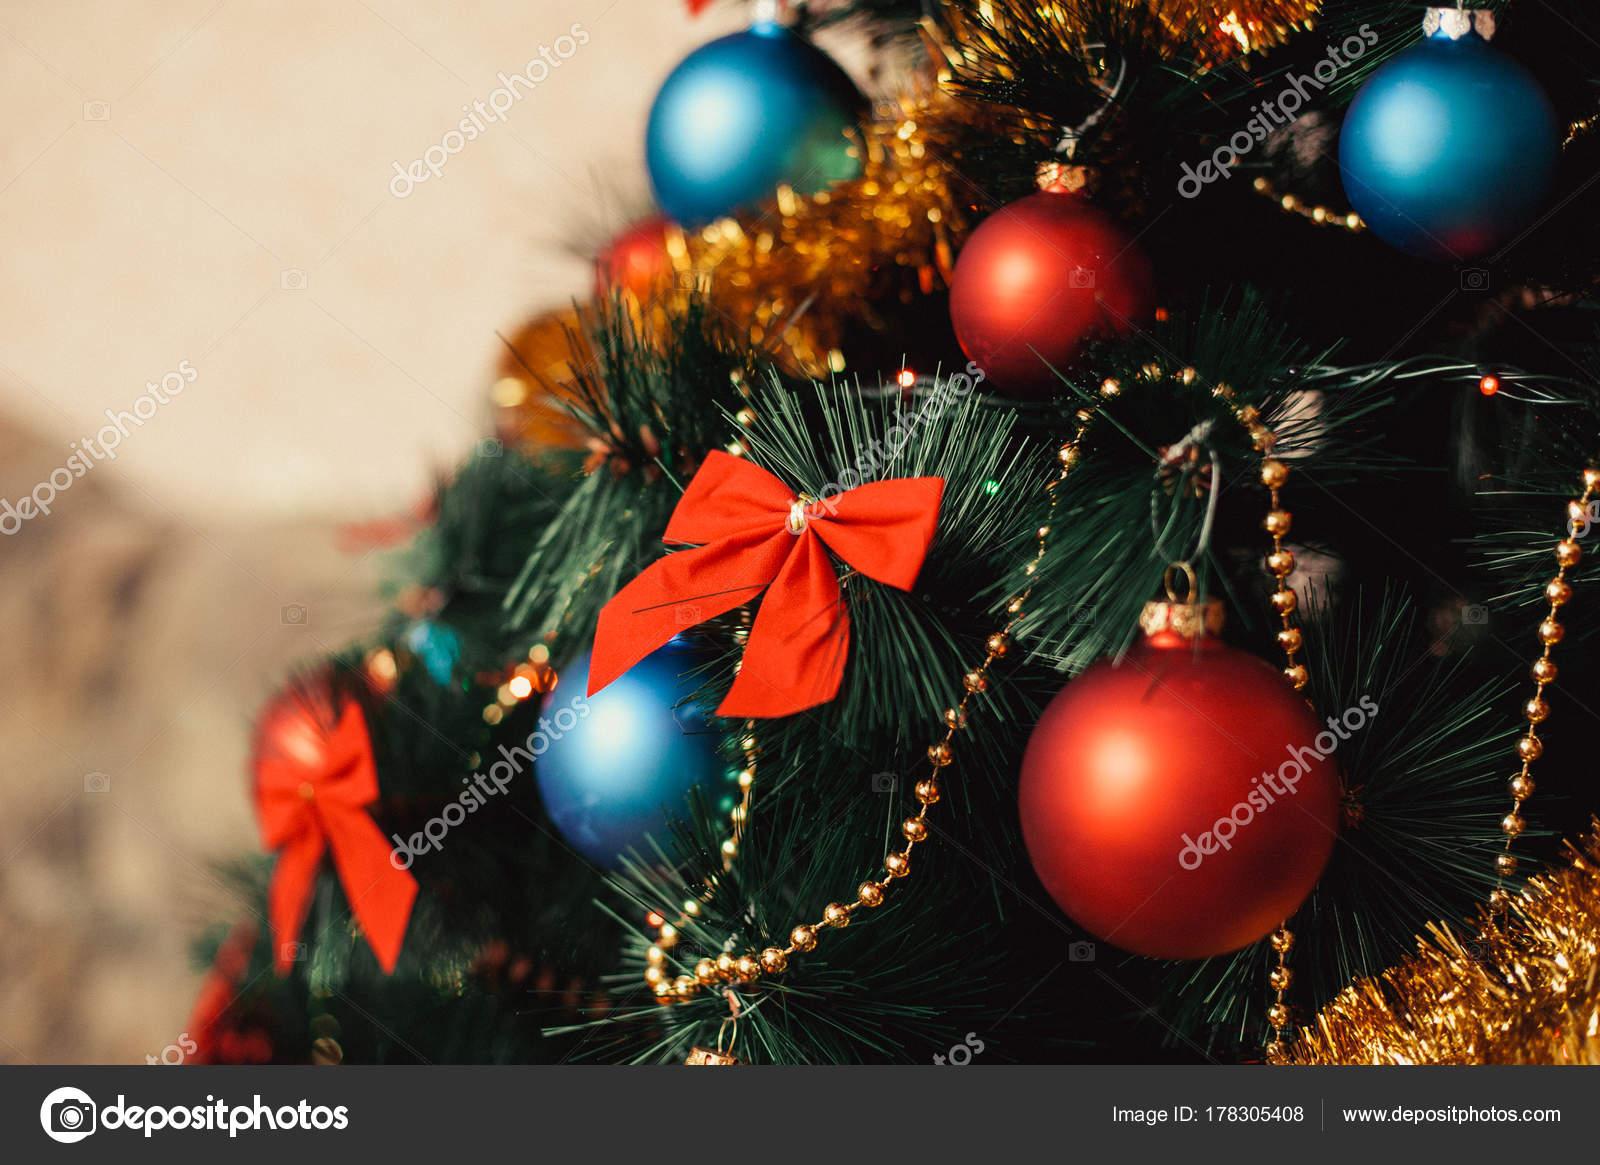 Albero Di Natale Con Decorazioni Blu : Primi piani decorazioni per l albero di natale in vetro con colore